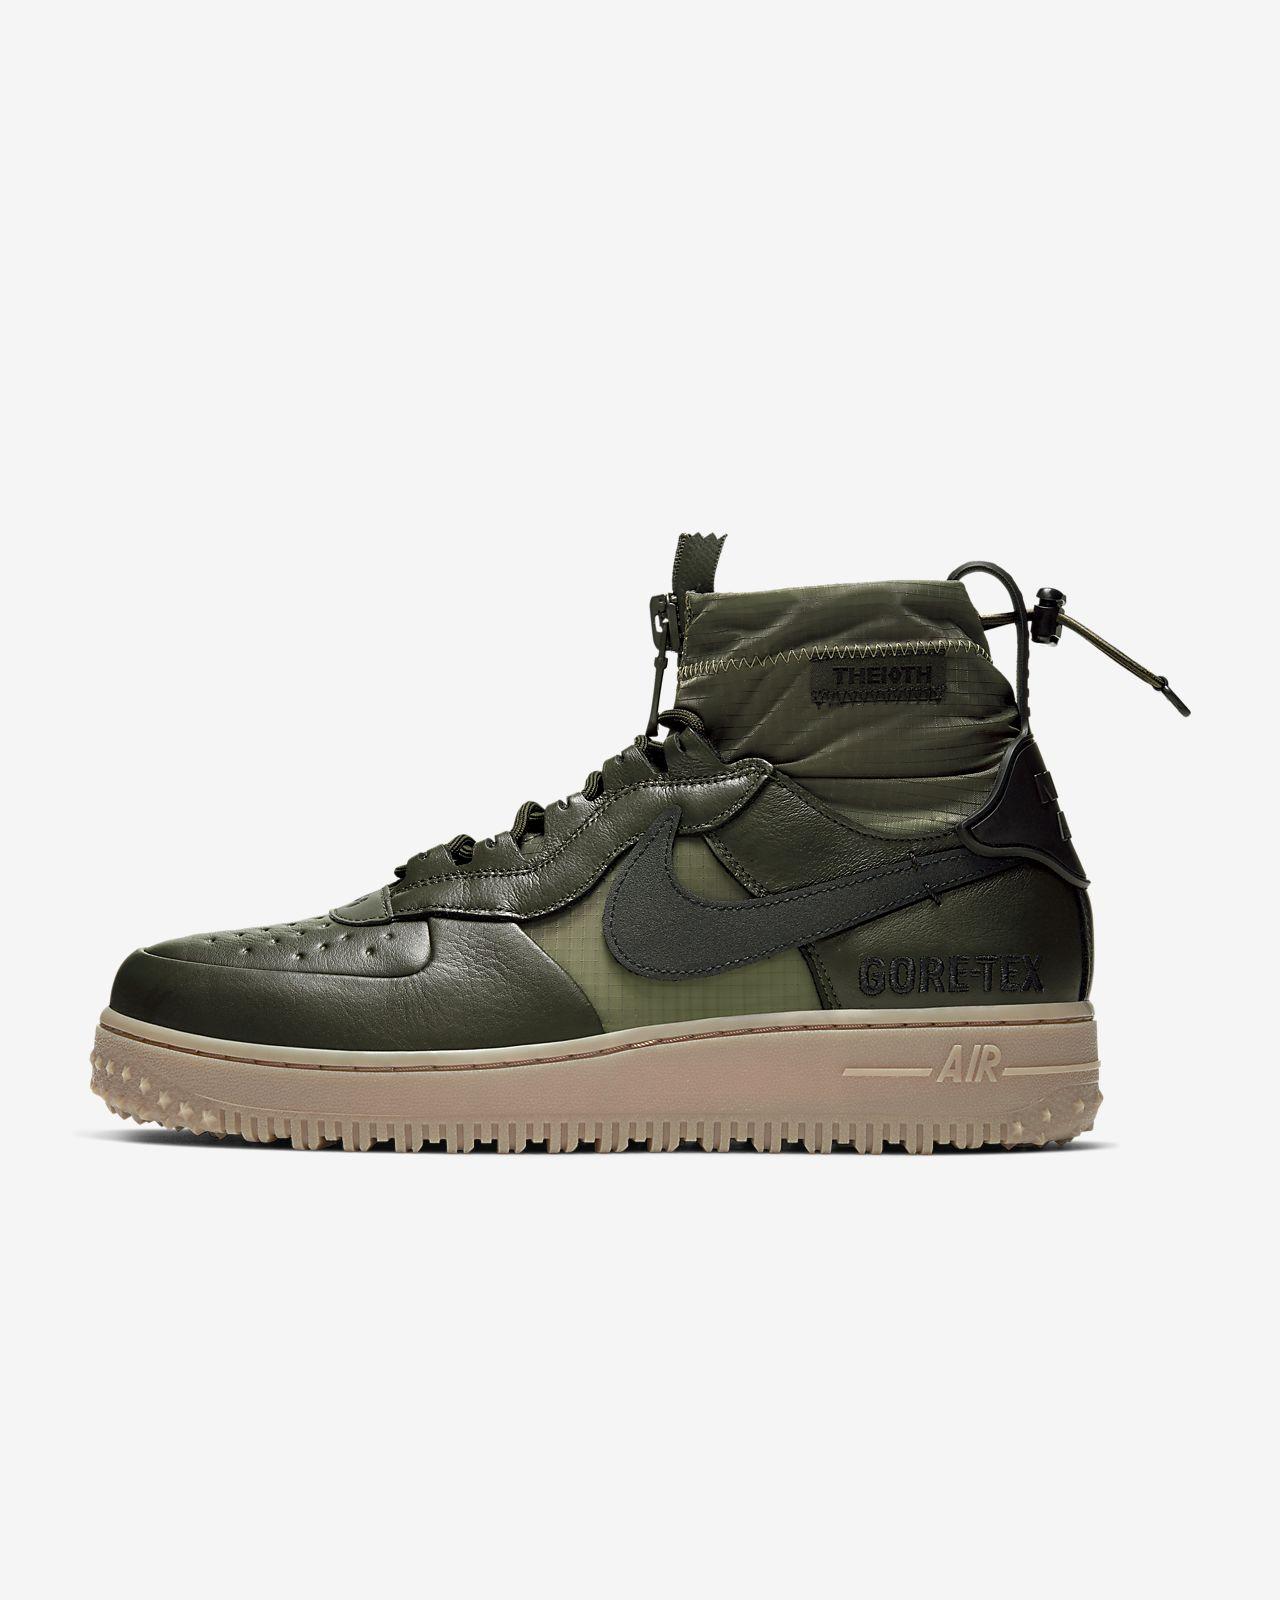 Sko Nike Air Force 1 Winter GORE-TEX